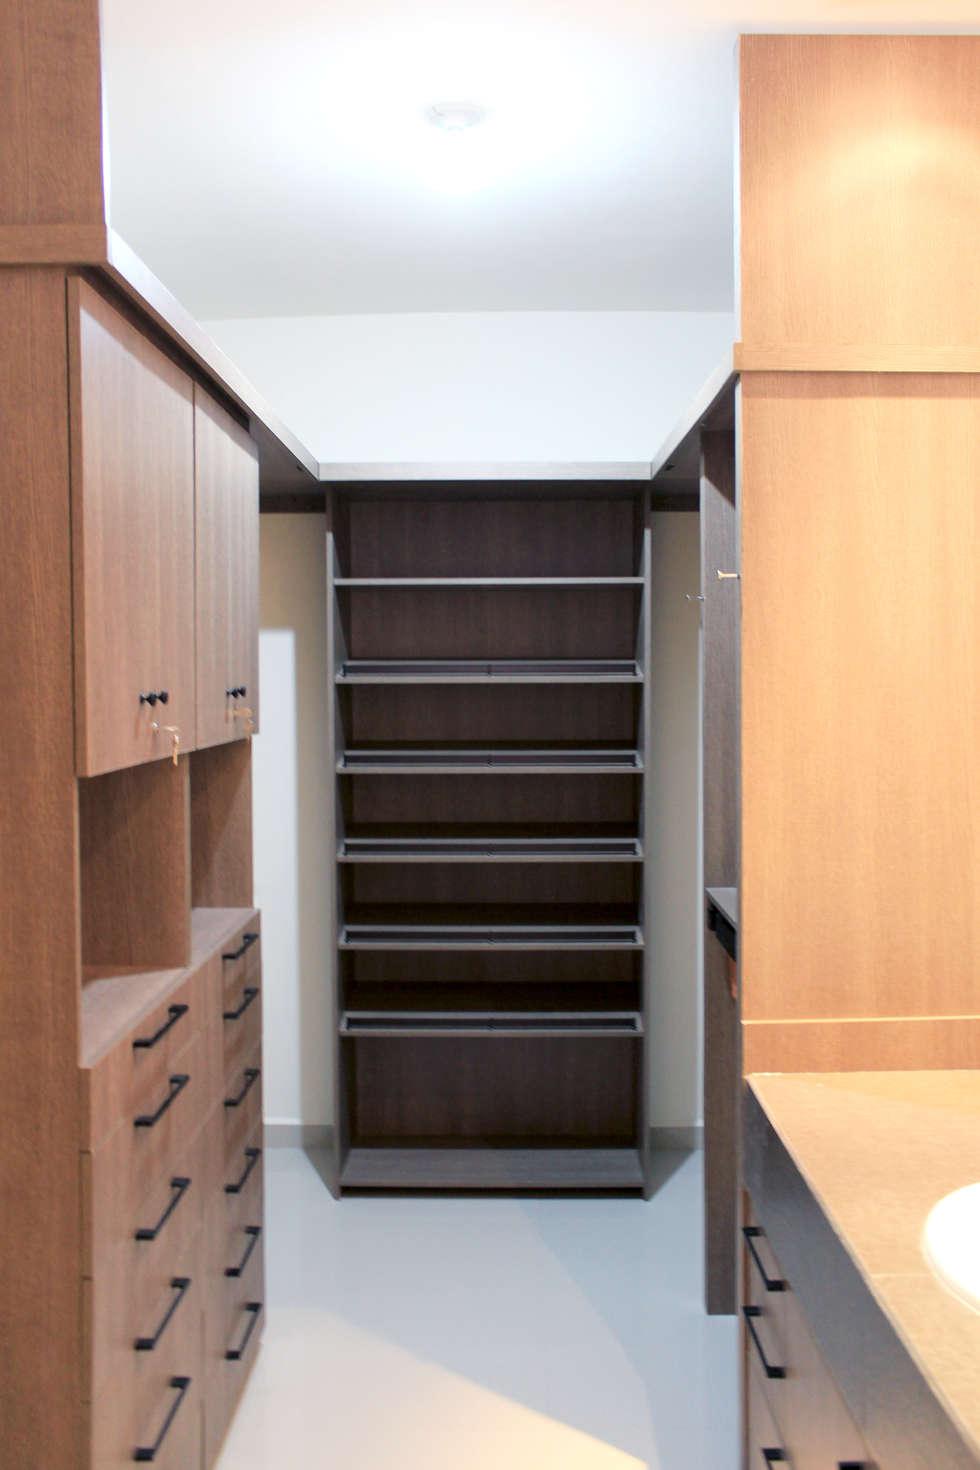 Walk in closet y baño: Vestidores y closets de estilo industrial por D.I. Pilar Román